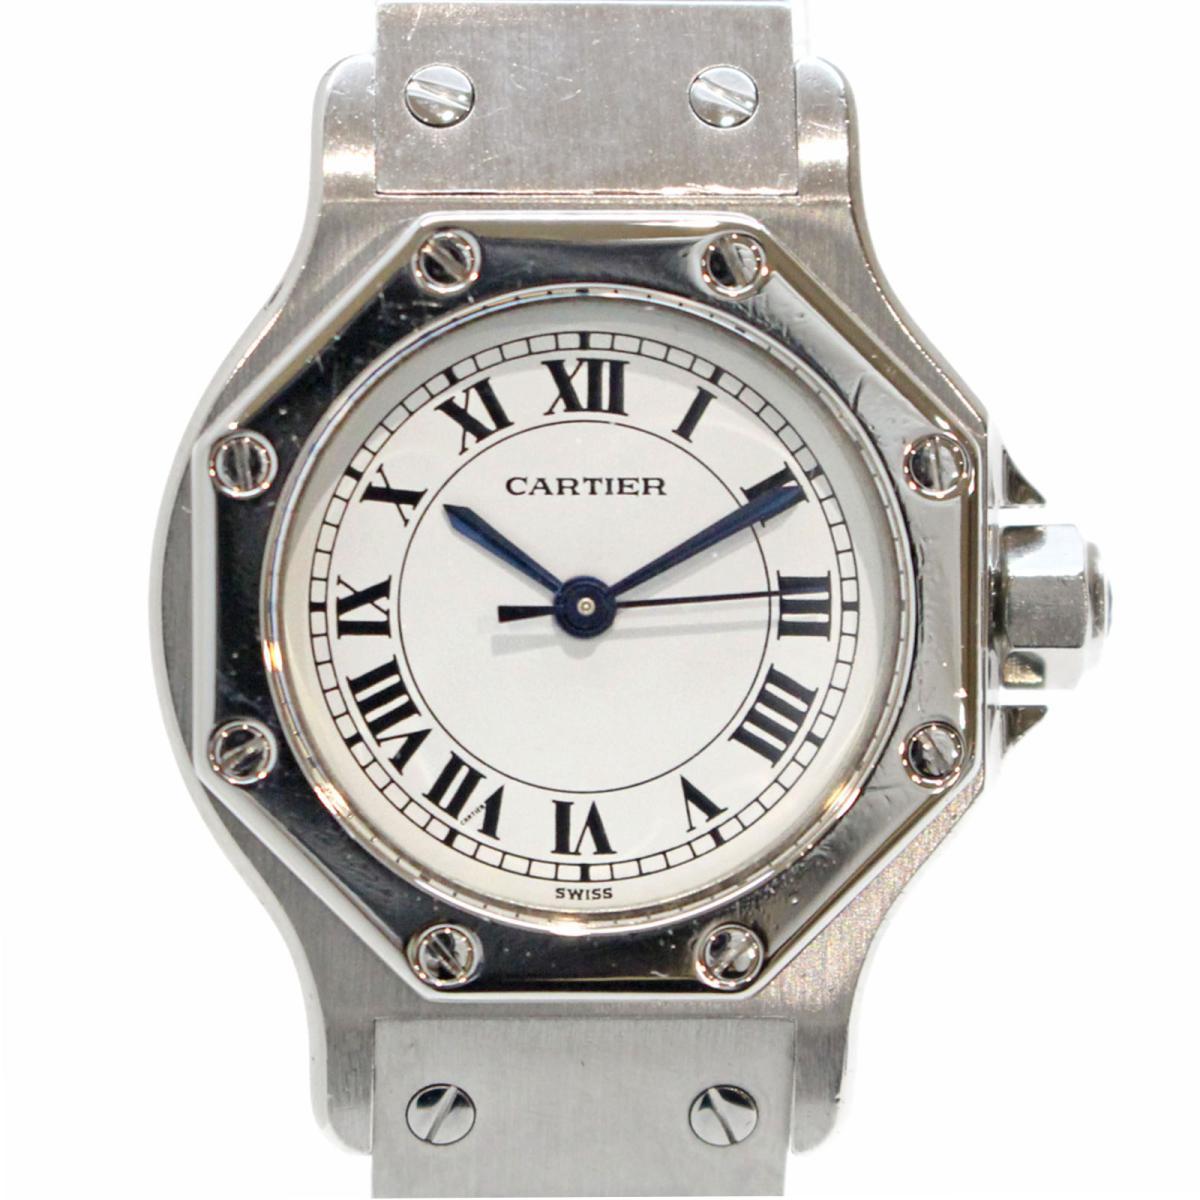 ≪期間限定≫メルマガ登録でクーポンGET! 【中古】 カルティエ サントスオクタゴンSM 腕時計 ウォッチ レディース ステンレススチール (SS) | Cartier BRANDOFF ブランドオフ ブランド ブランド時計 ブランド腕時計 時計